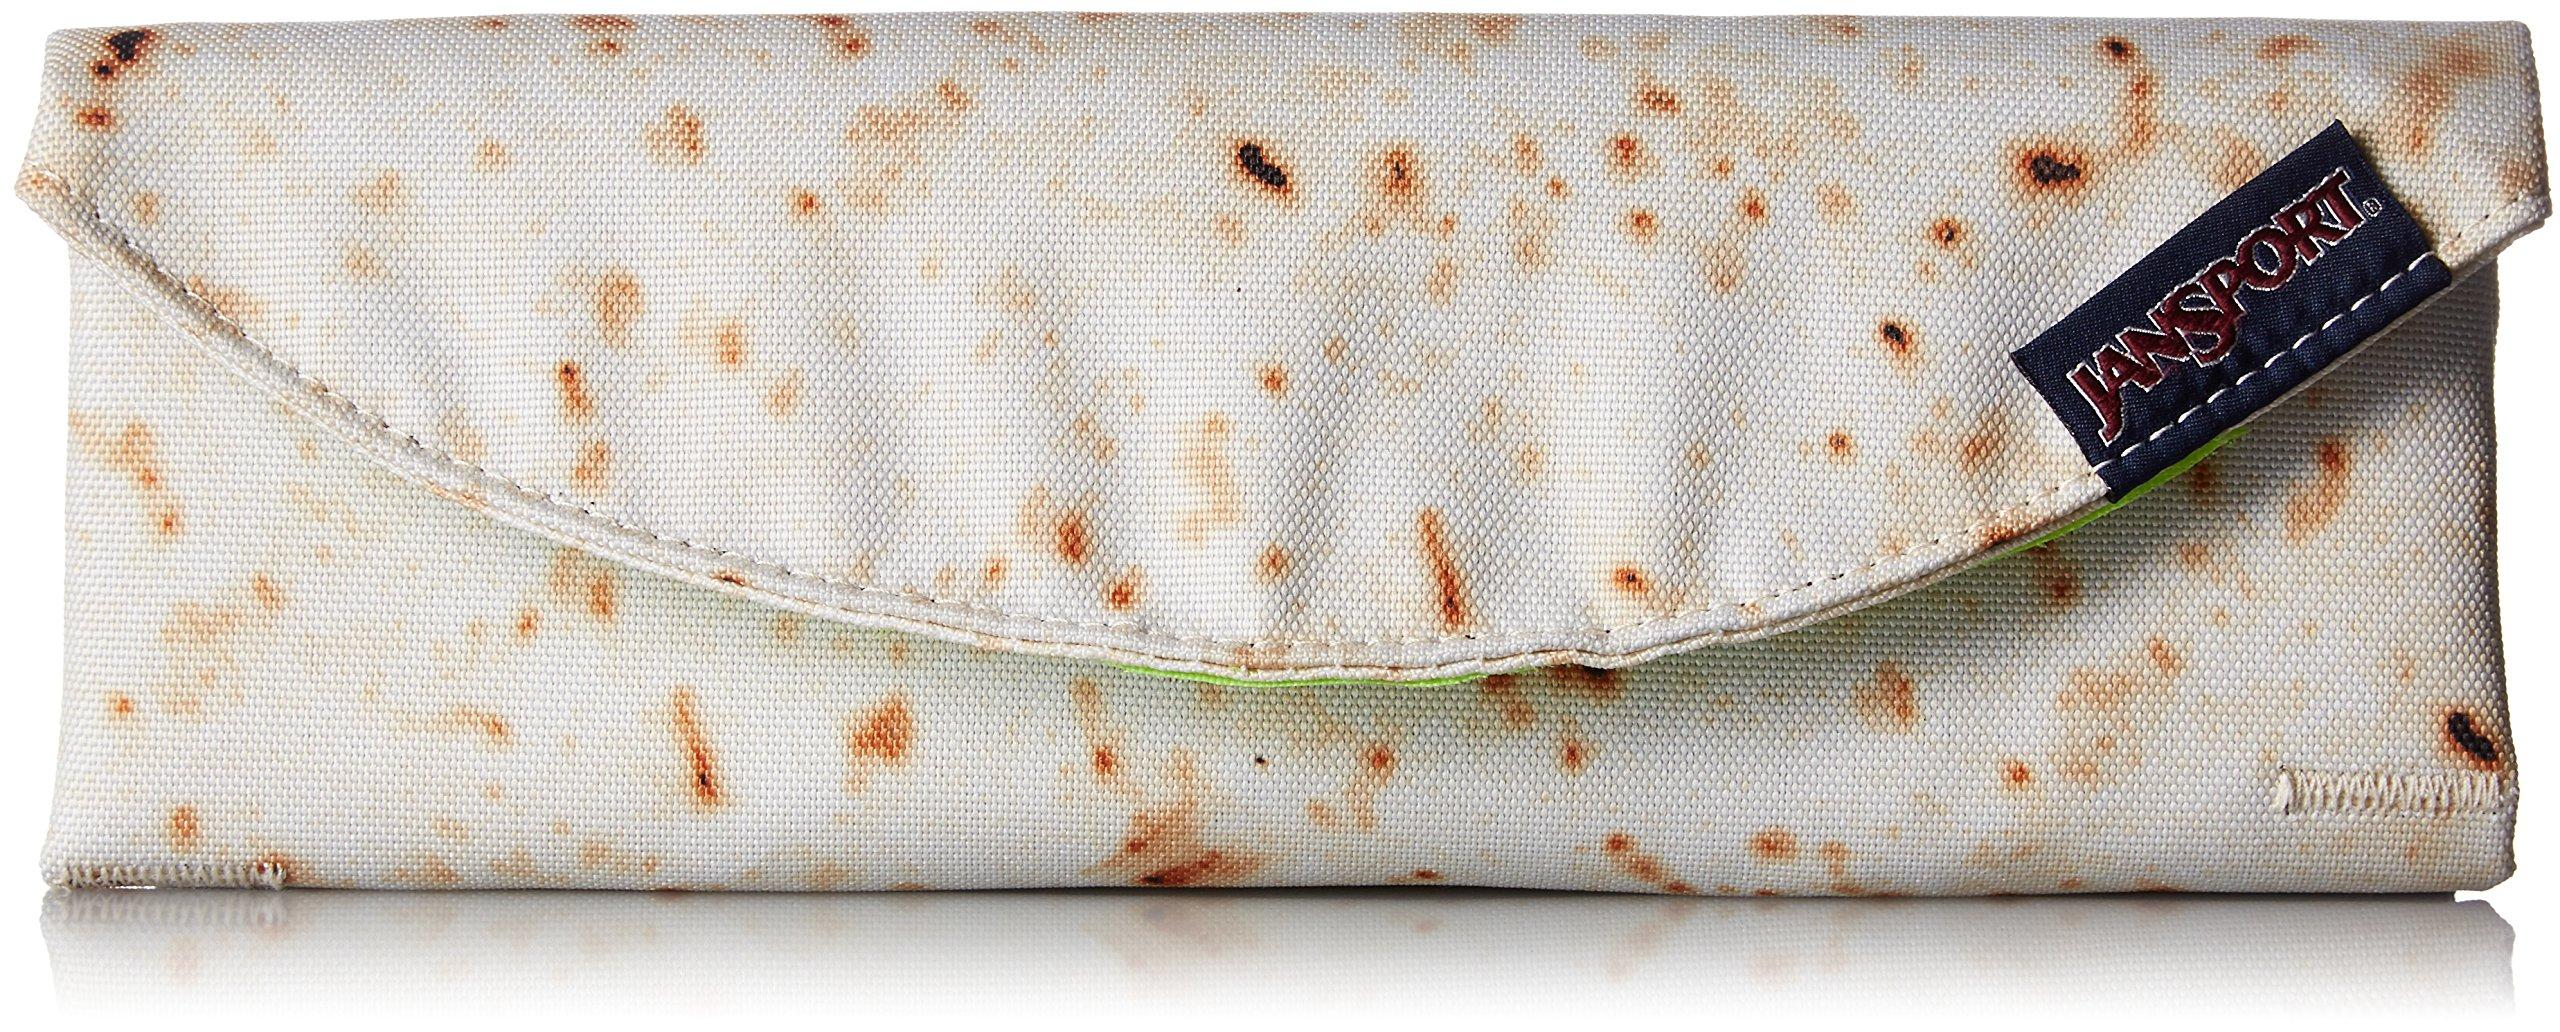 Jansport Digital Burrito Pouch, Multi Burrito Color